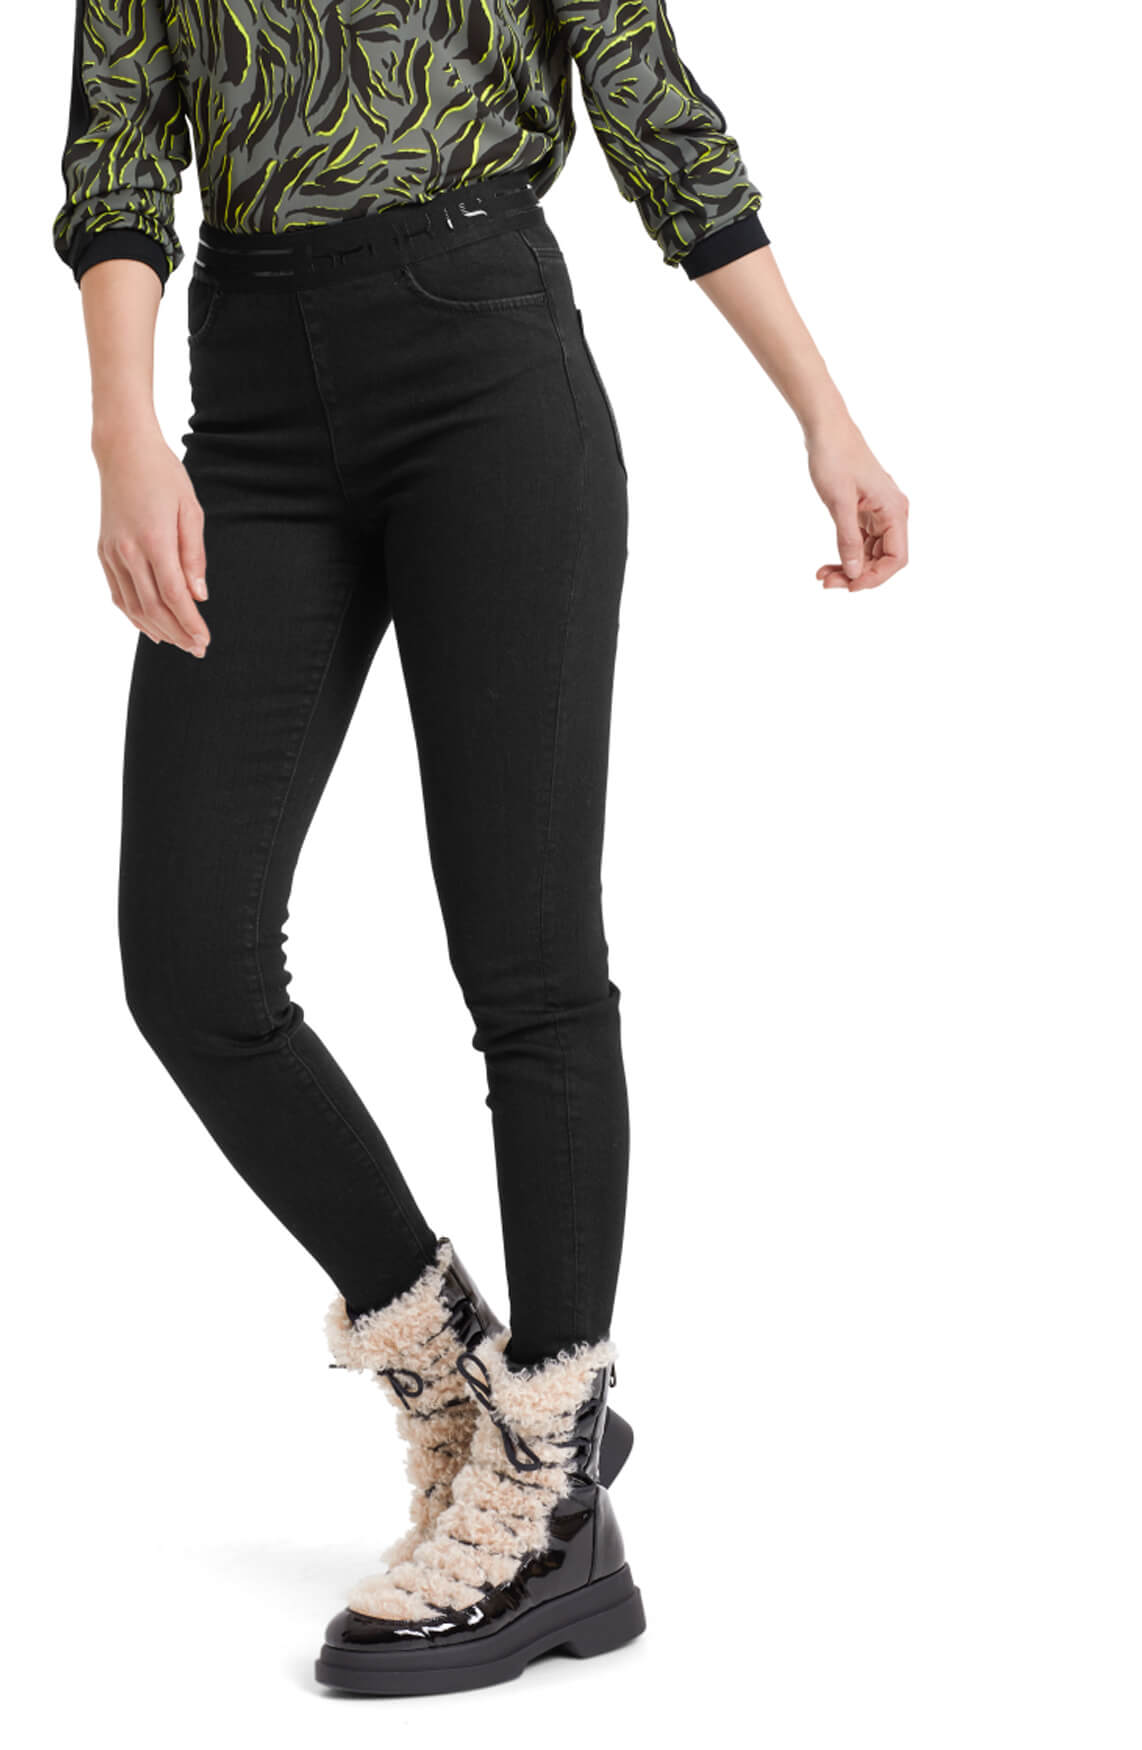 Marccain Sports Dames High-waist tregging zwart